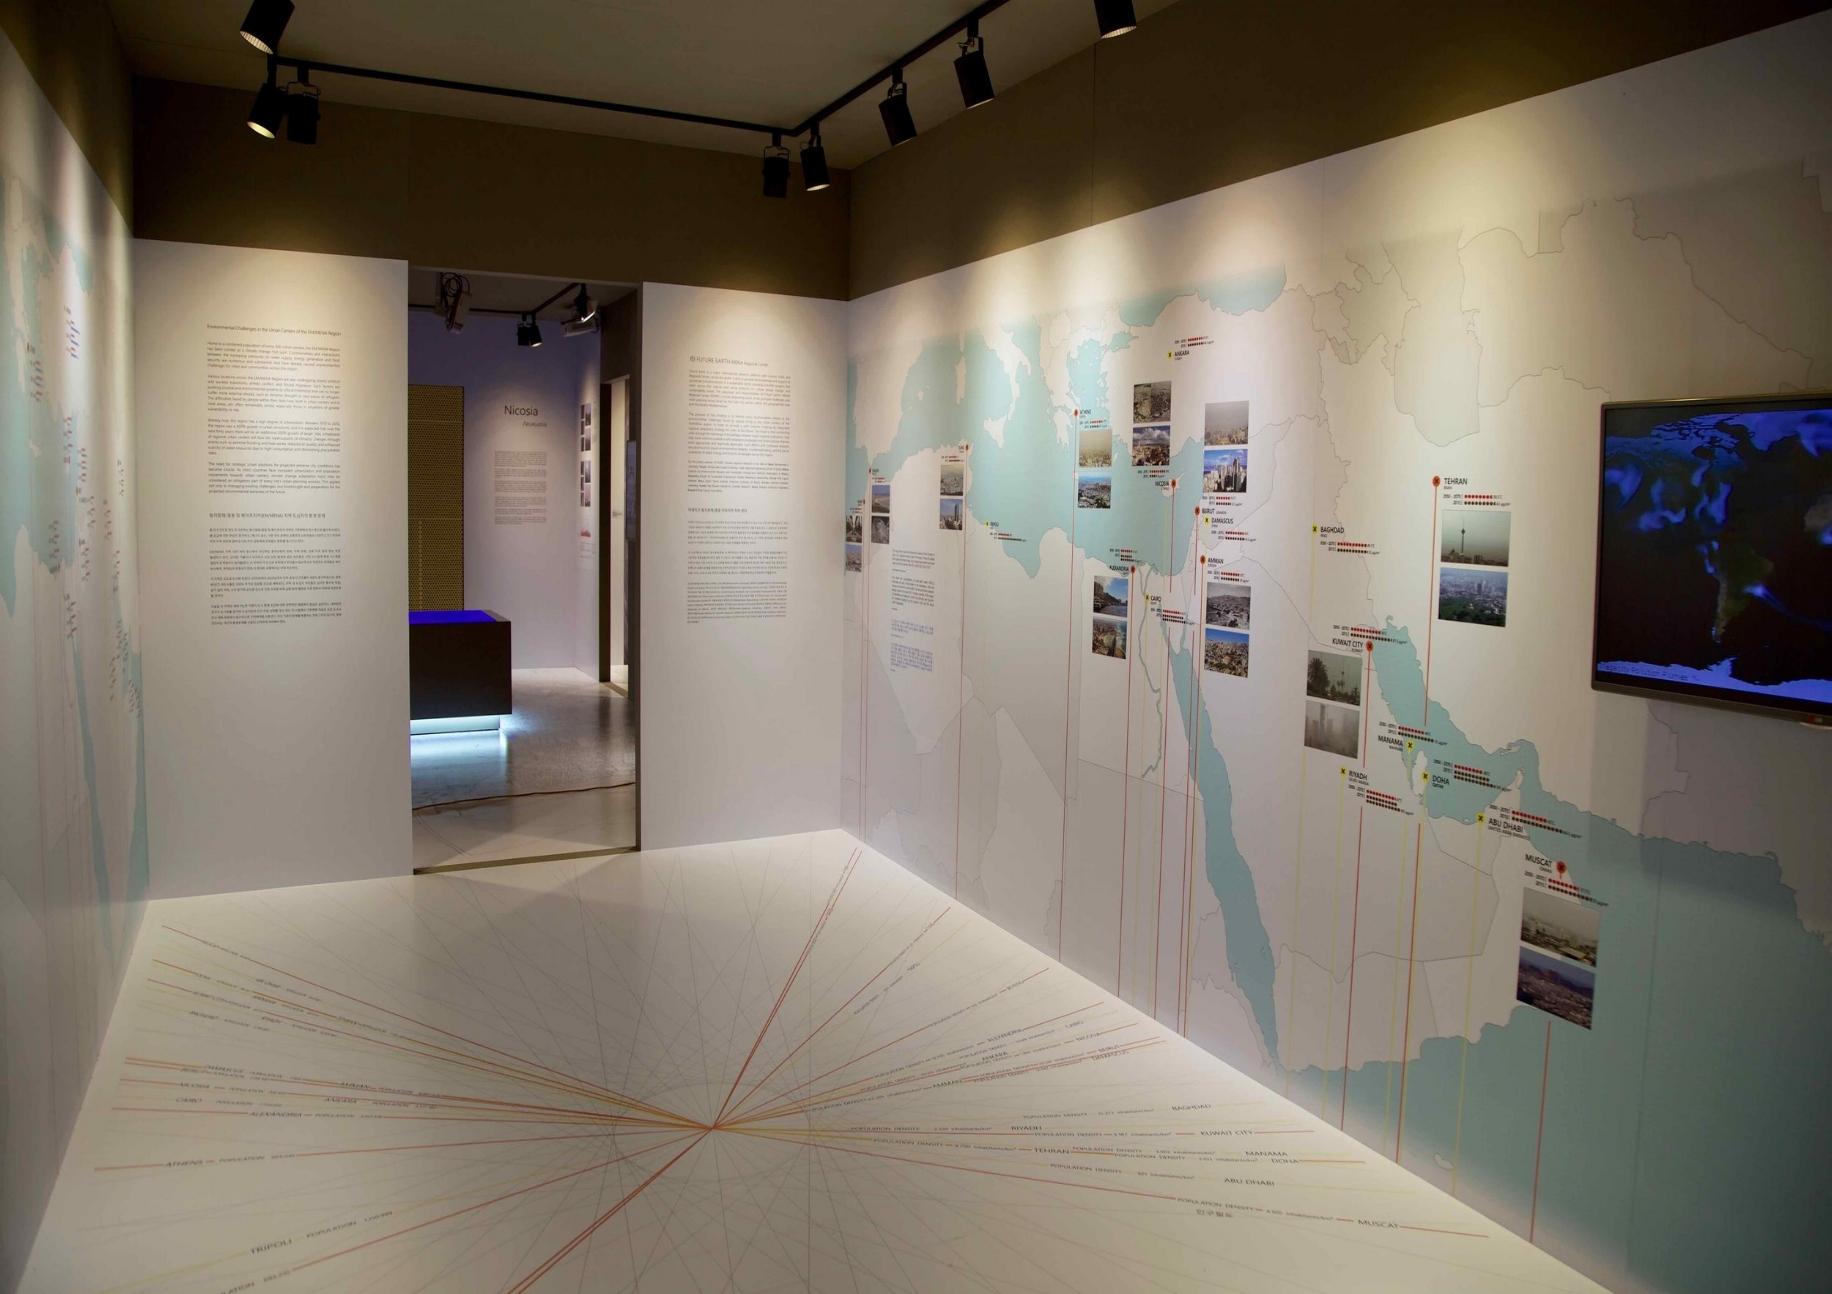 - FEMRC 1:Melina Seoul Biennale copy.jpg